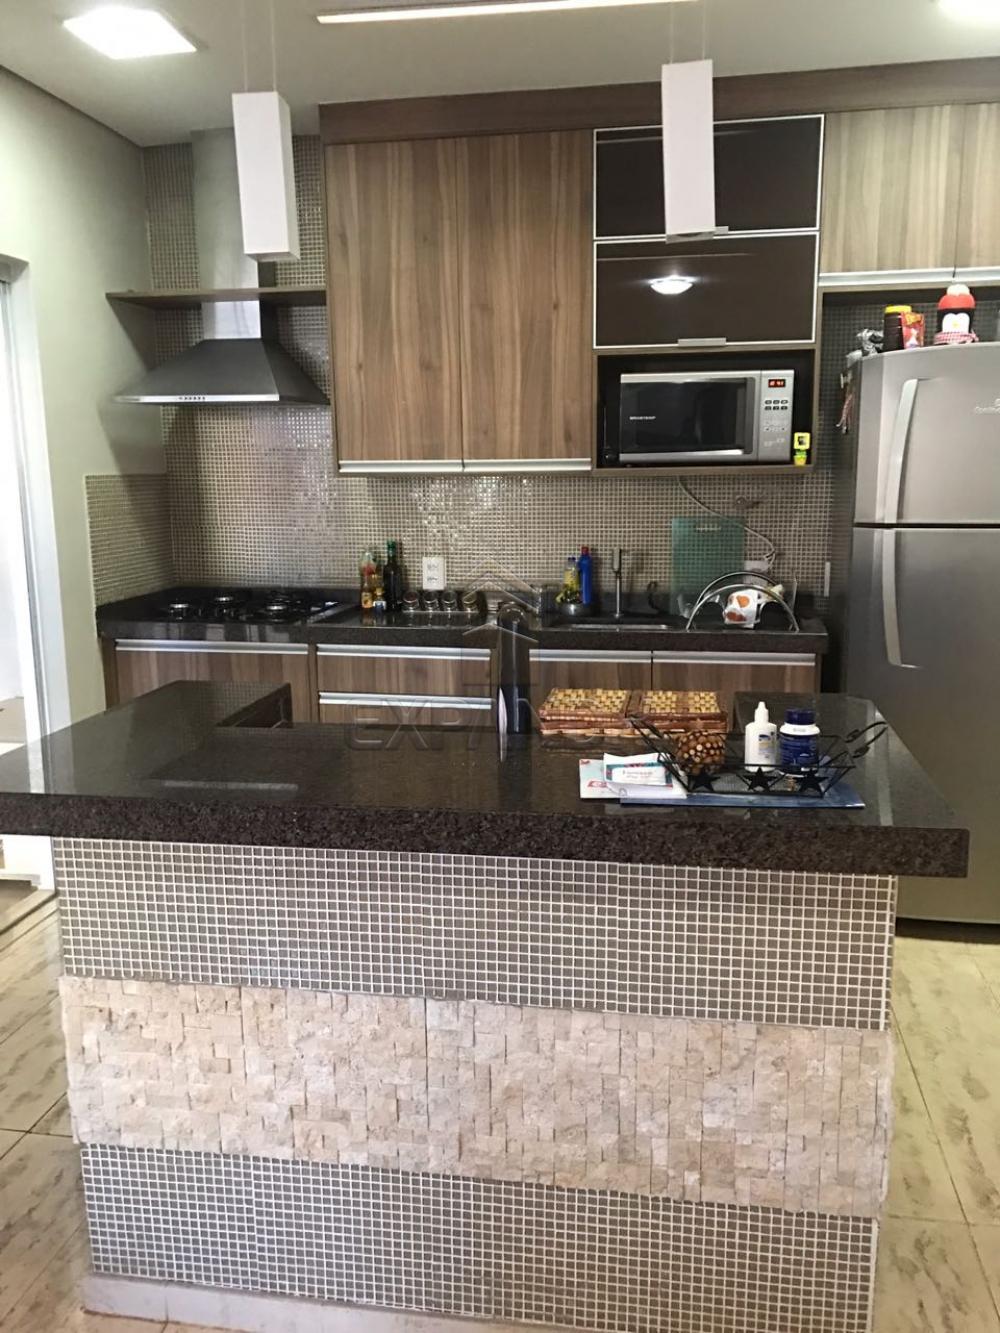 Comprar Casas / Padrão em Sertãozinho R$ 390.000,00 - Foto 23